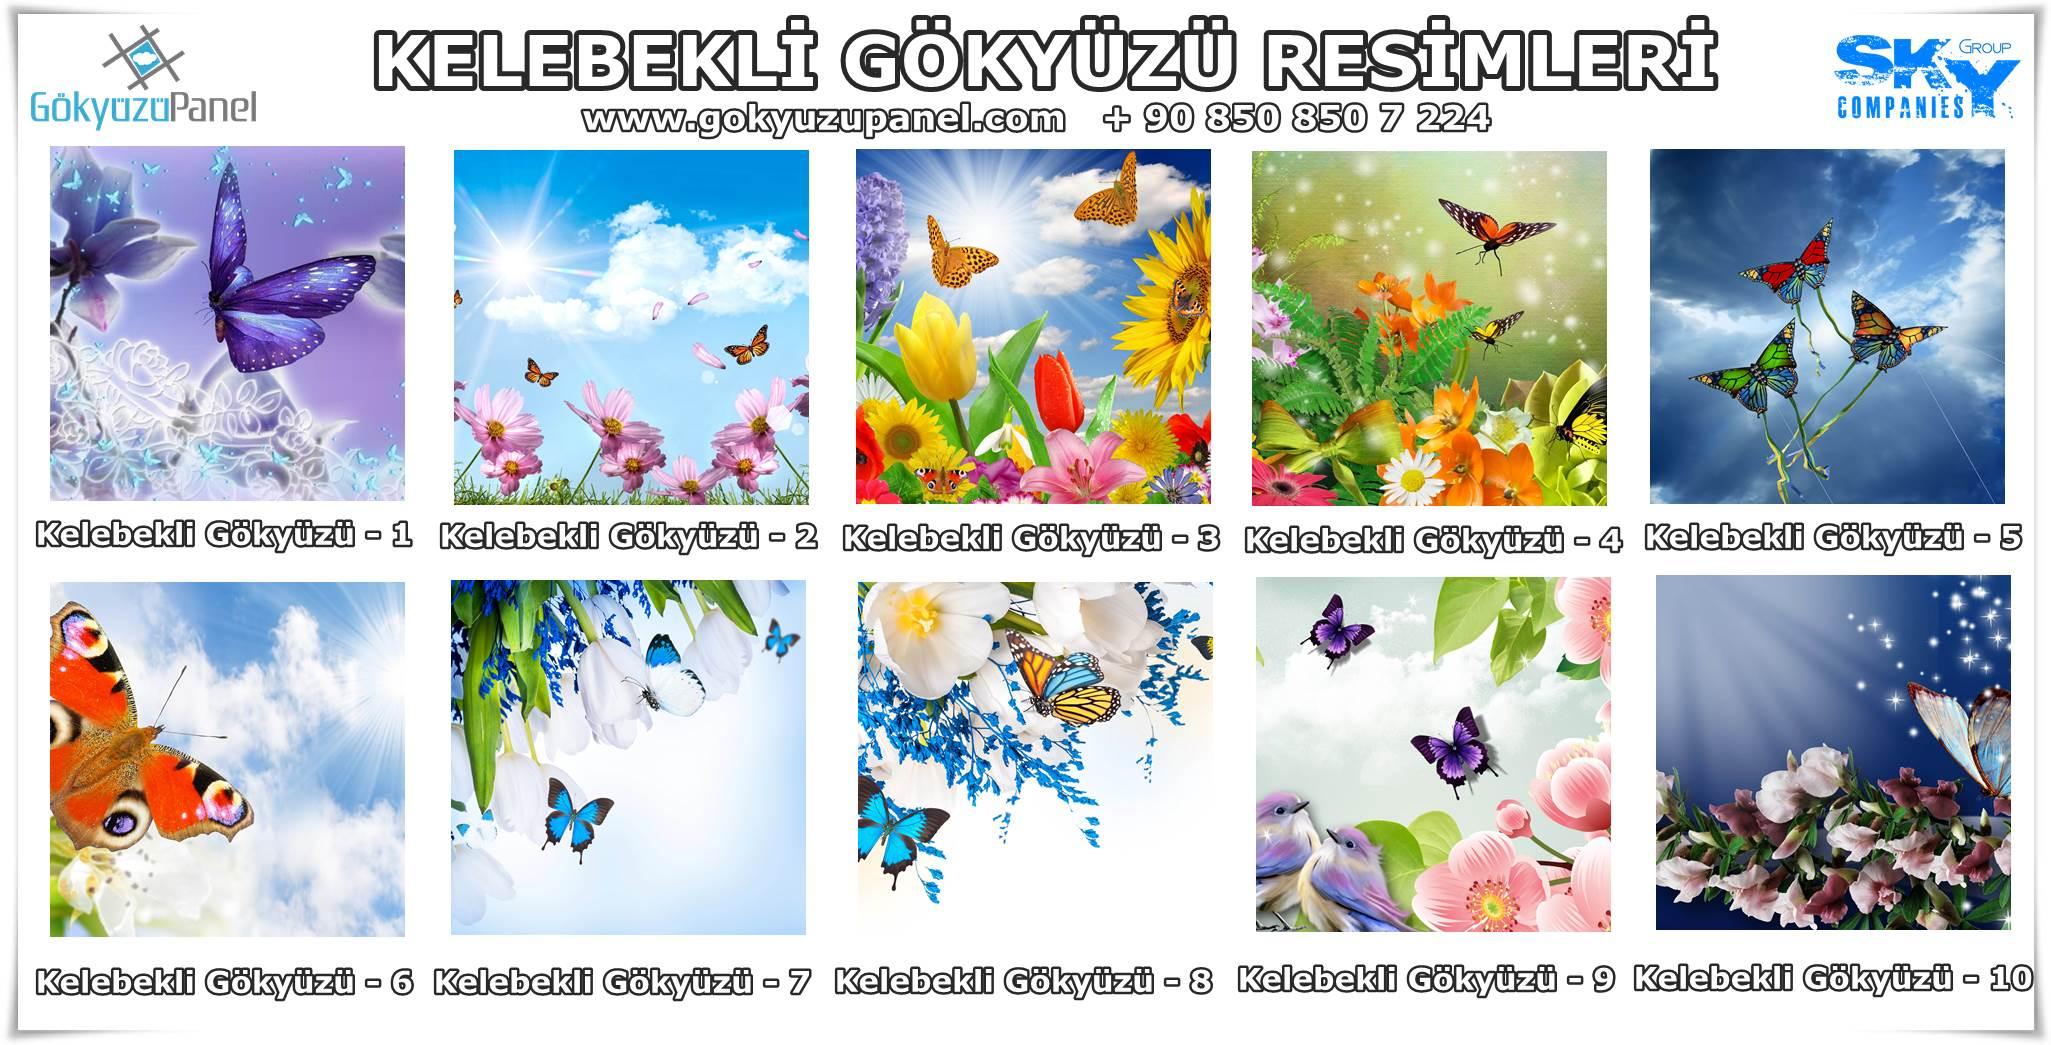 Kelebekli Gökyüzü